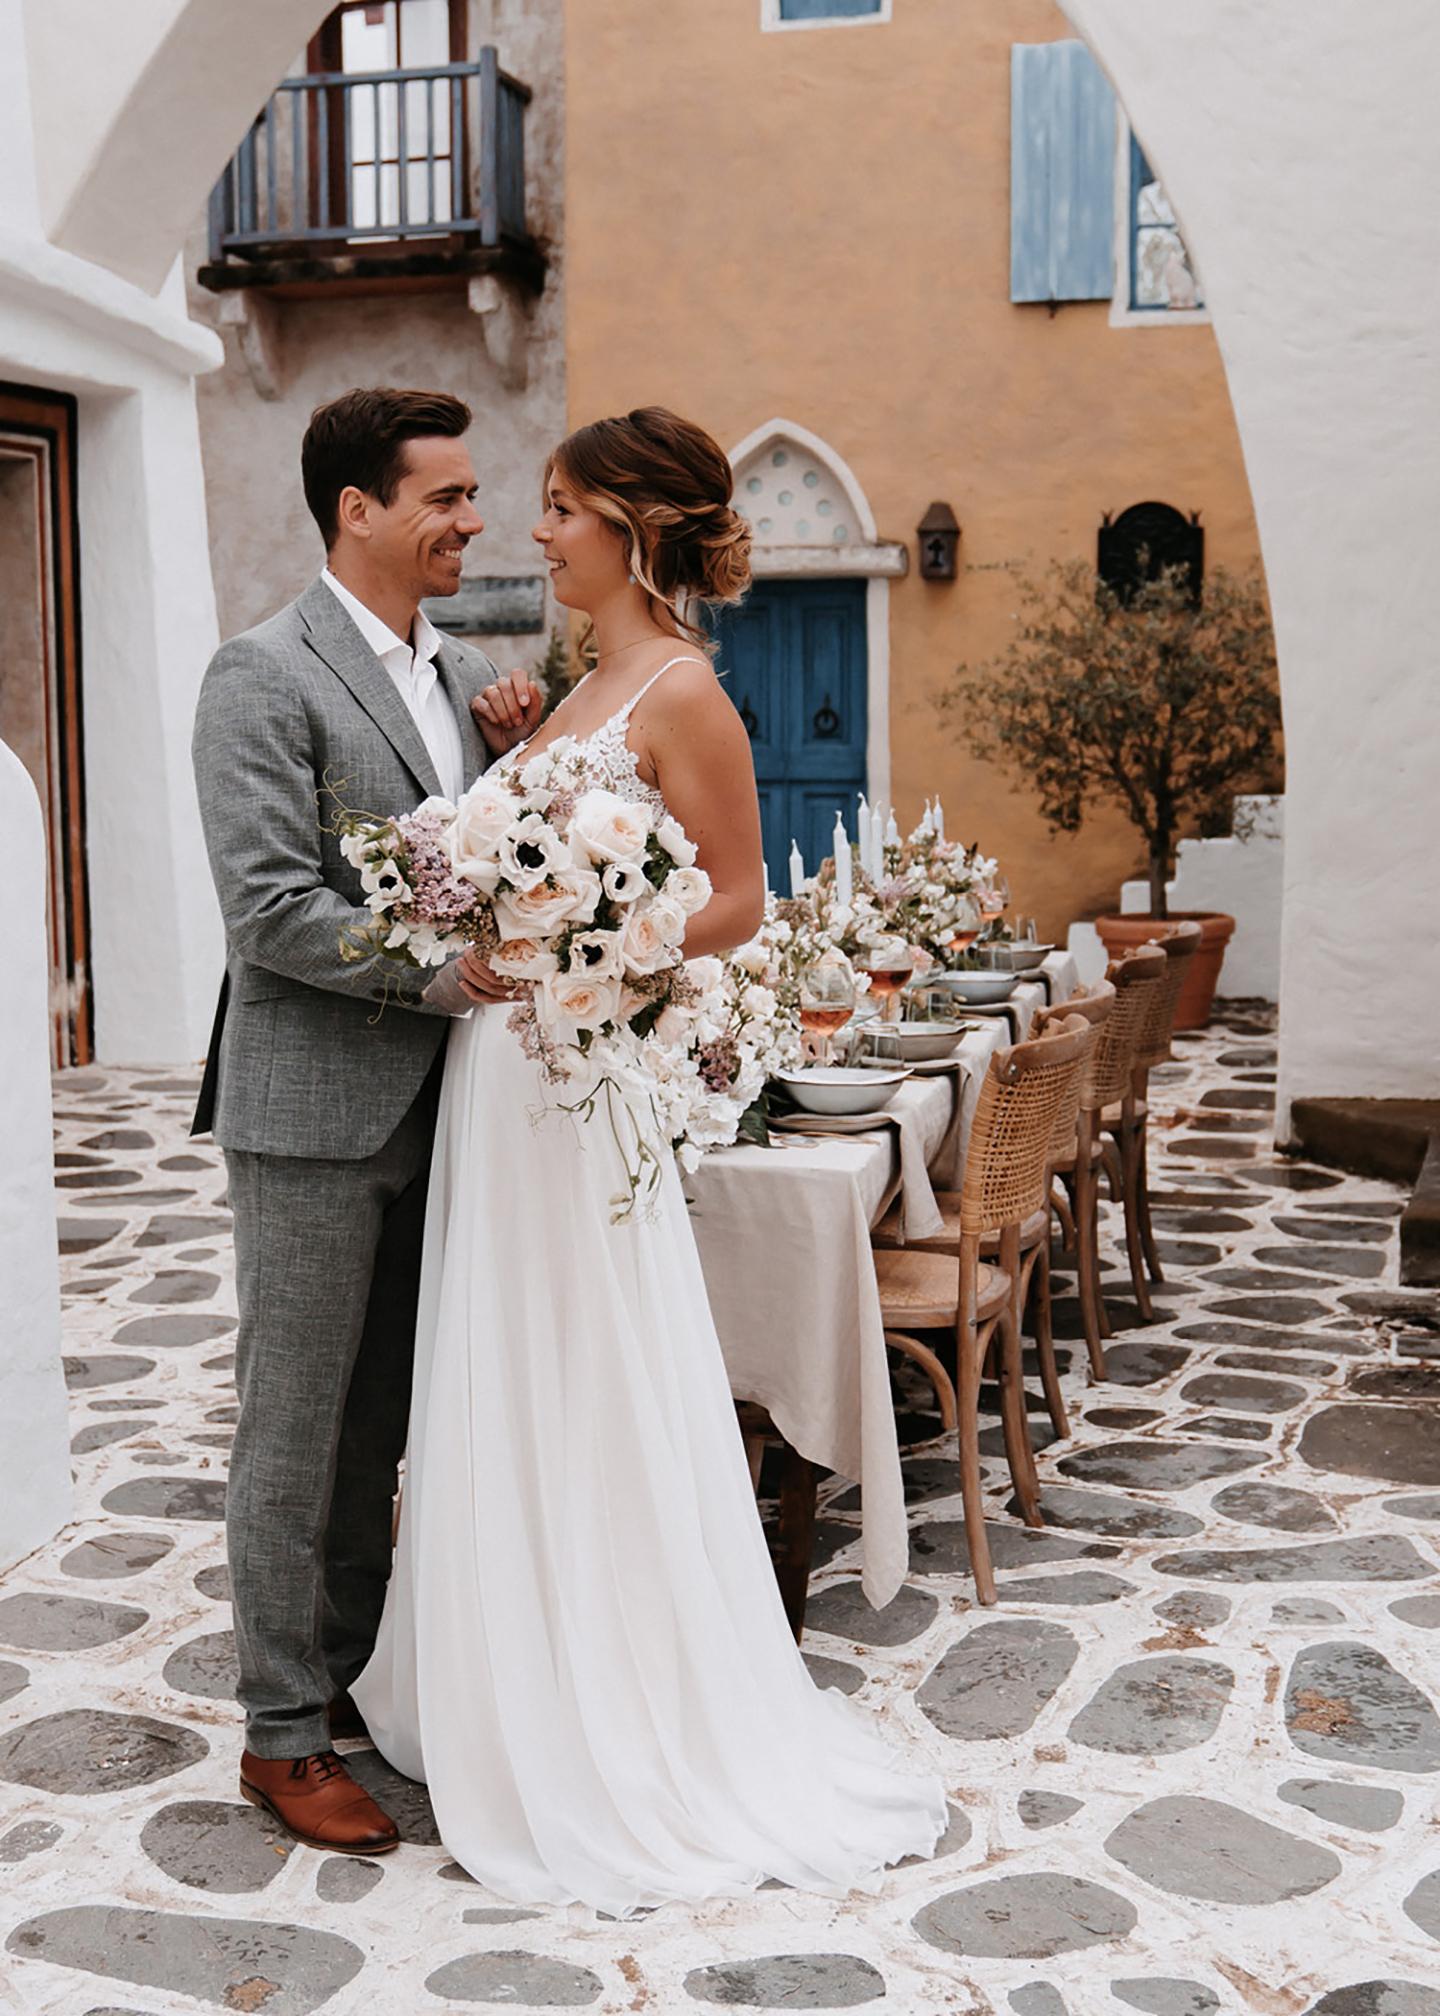 Das glückliche Hochzeitspaar aus Braut und Bräutigam steht vor der Location mit gedecktem Hochzeitstisch und schaut sich verliebt an.